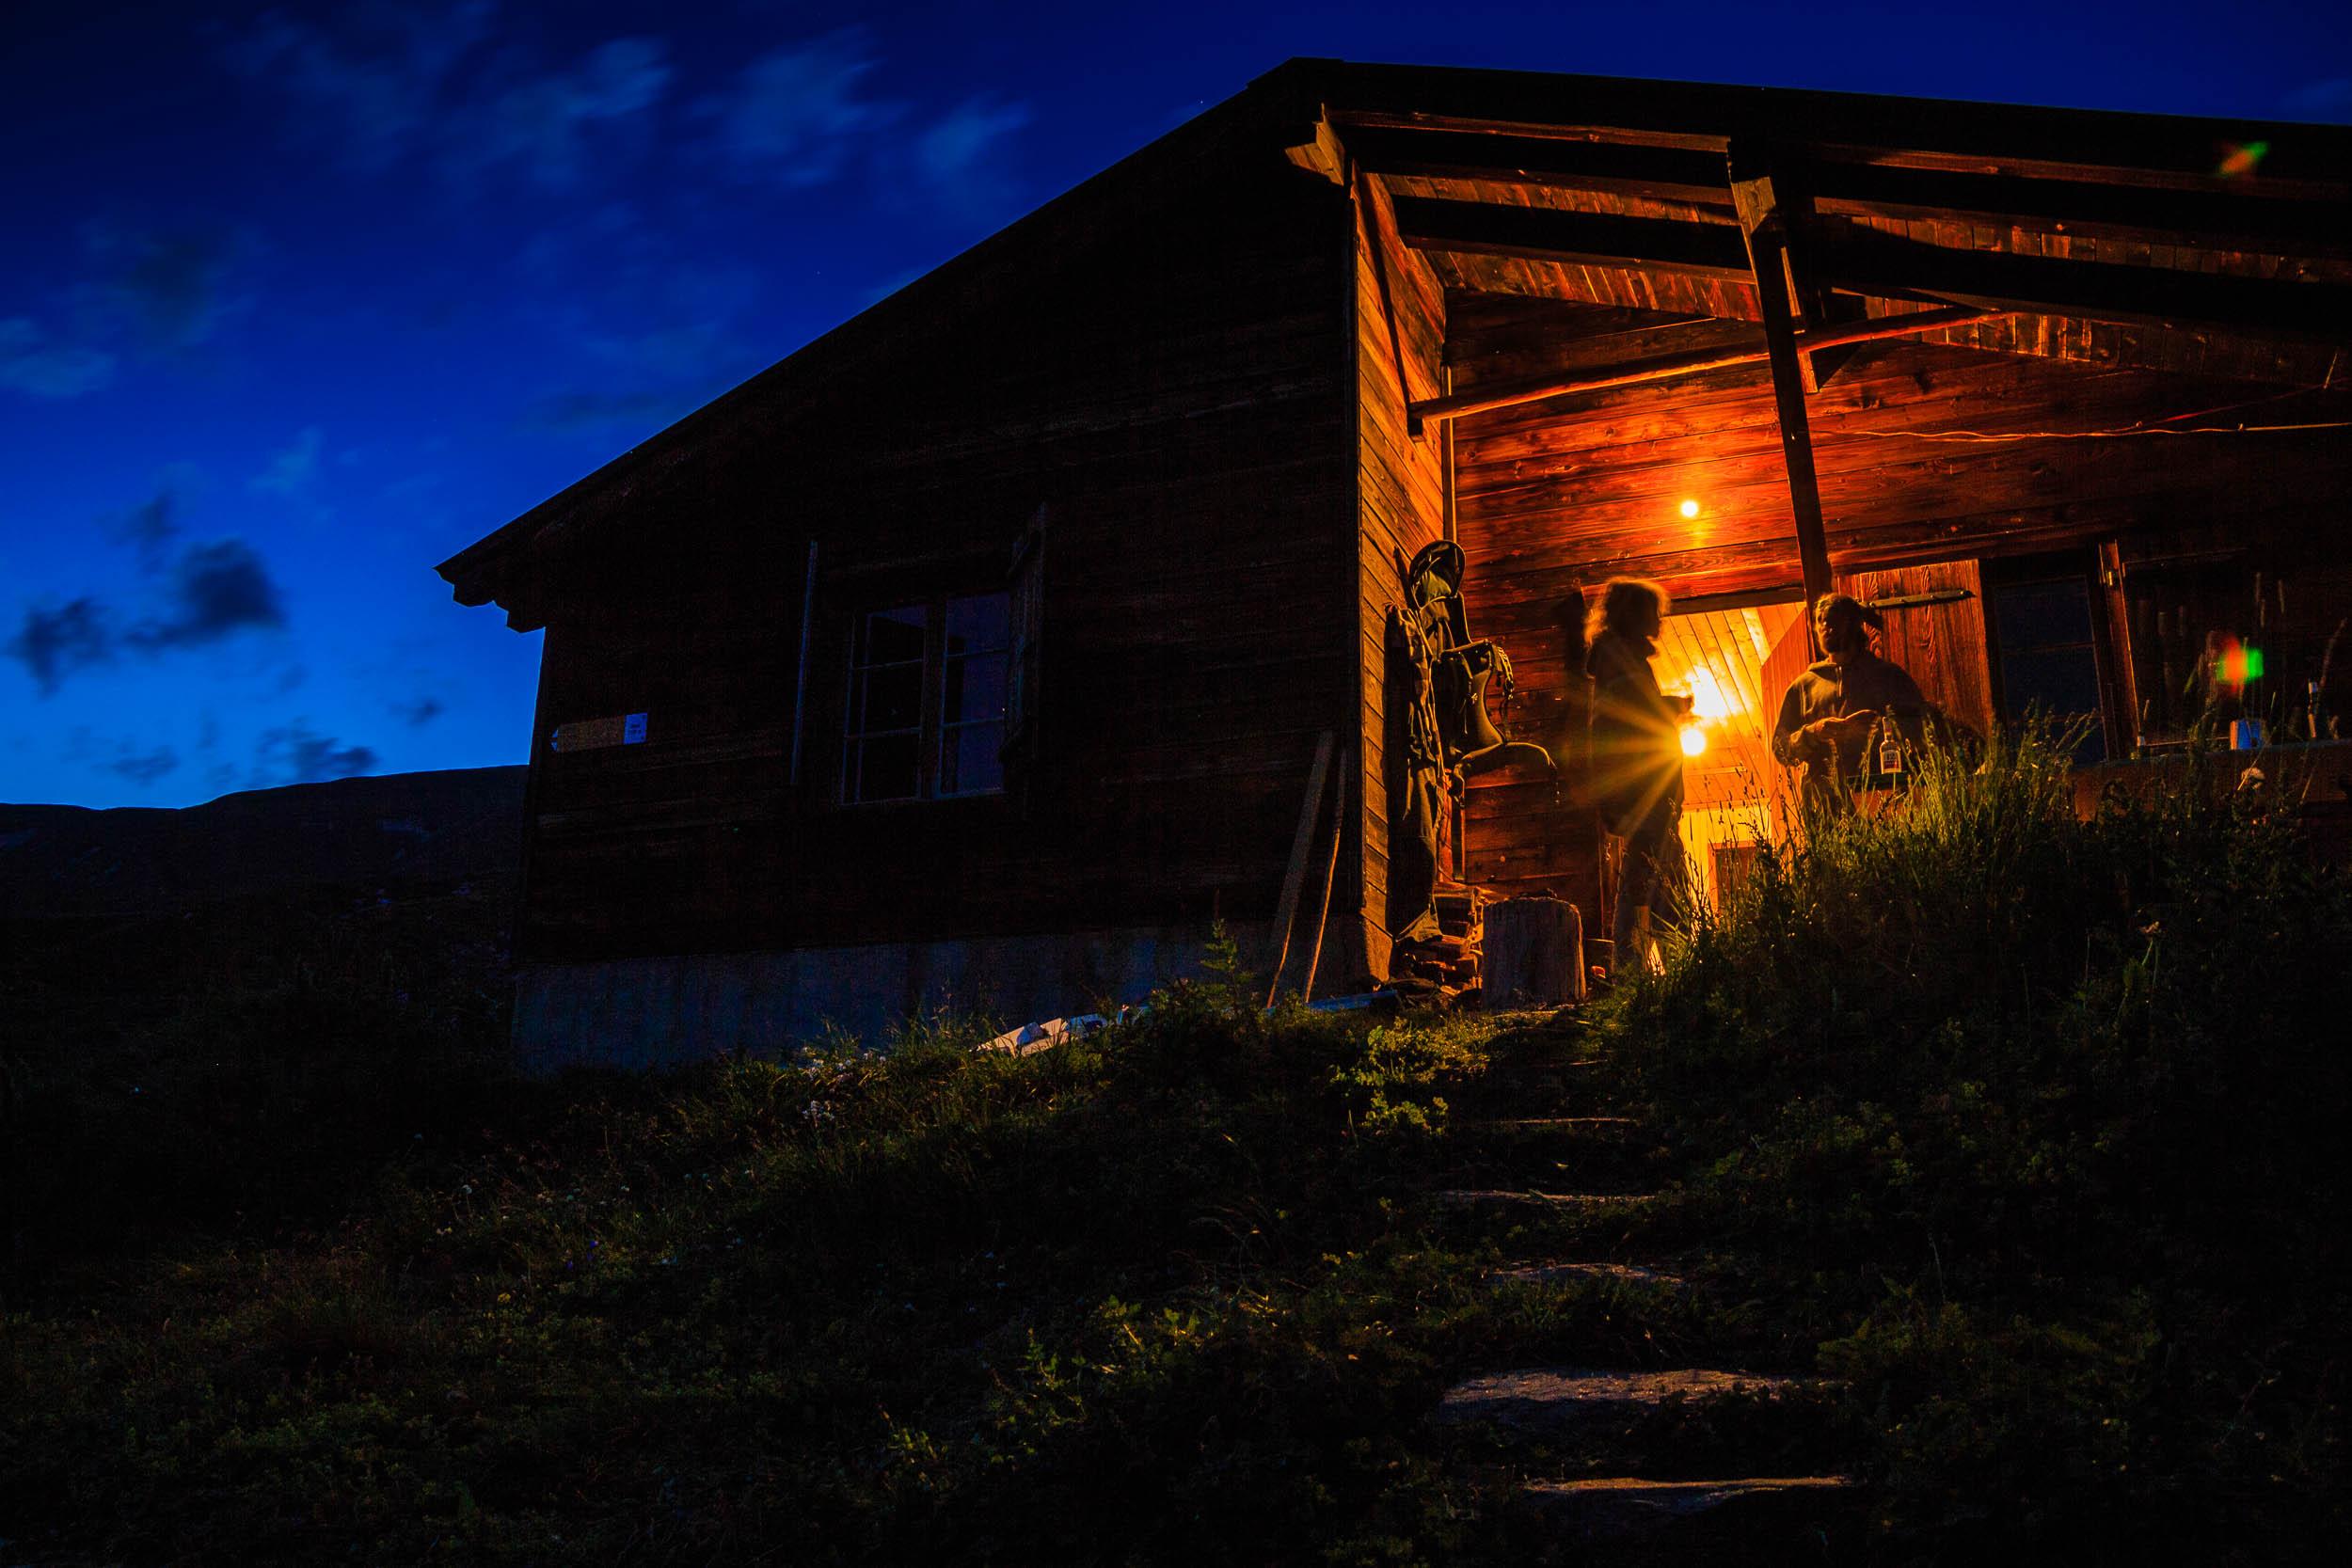 20130804_02468 Auf der Alp.jpg